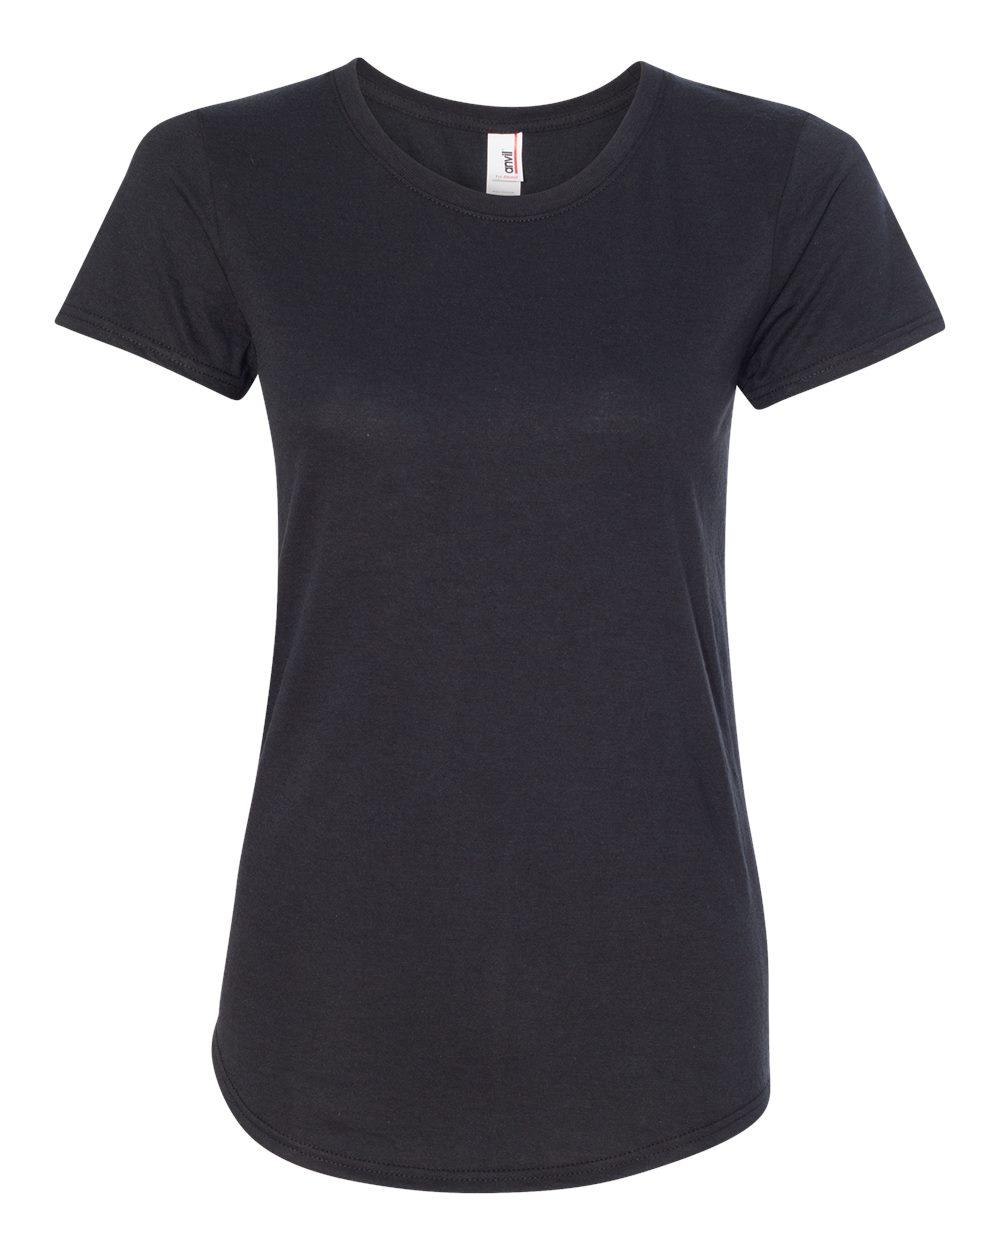 dbd05f3c2b7 Anvil 6750L - Women s Triblend Scoopneck T-Shirt